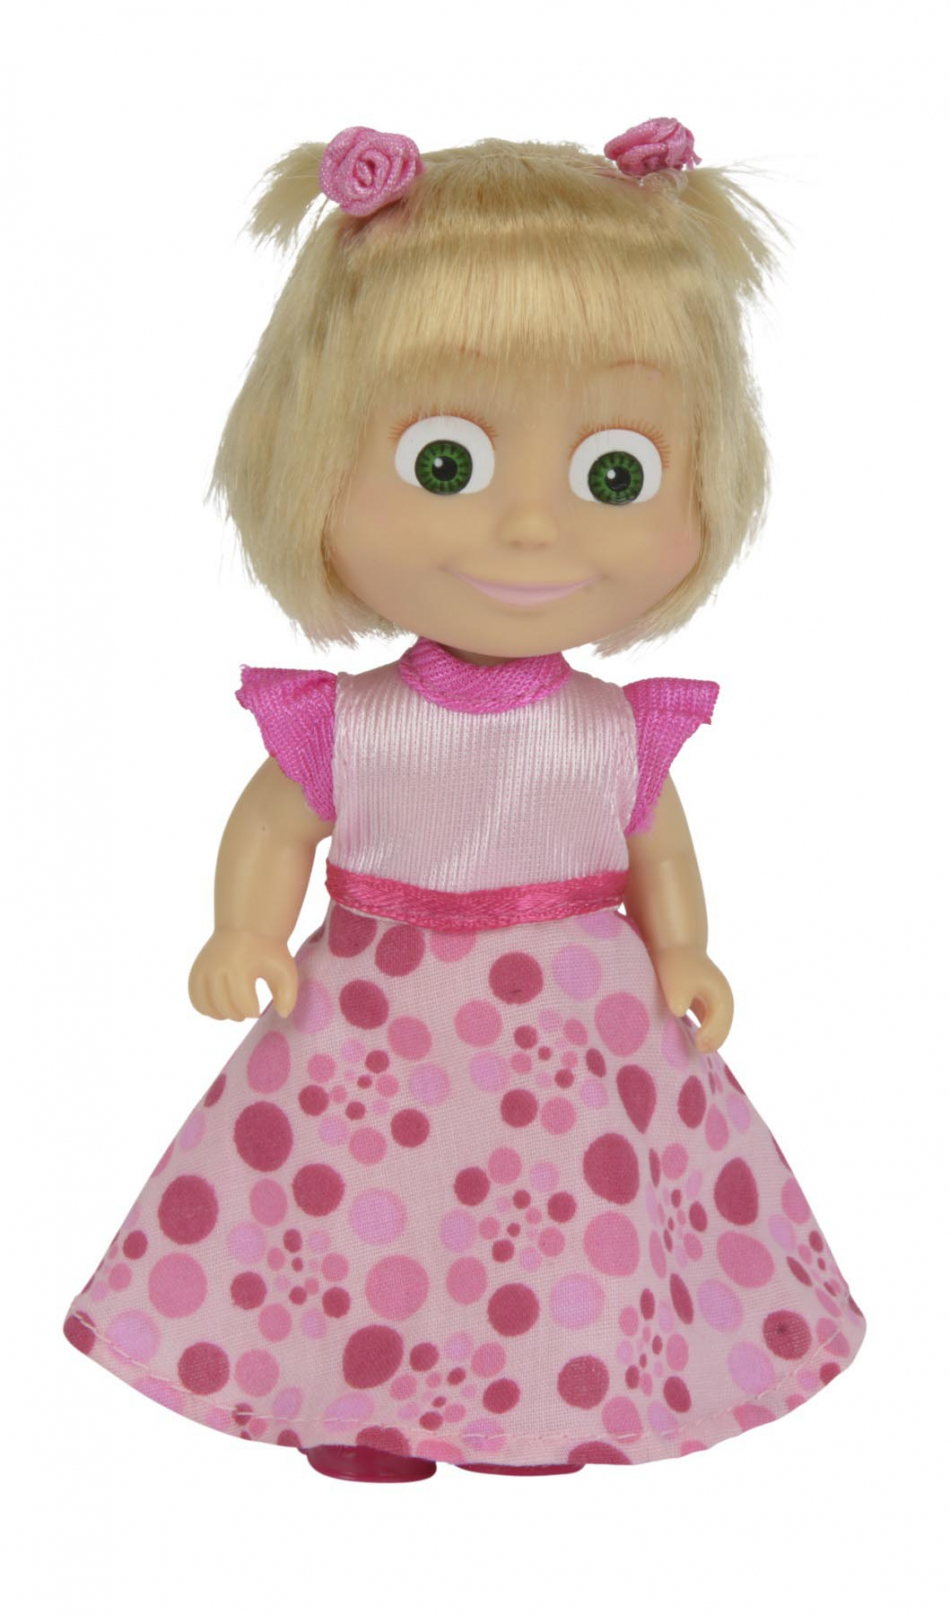 Masha y el Oso - Muñeca 12cm disfraz vestido